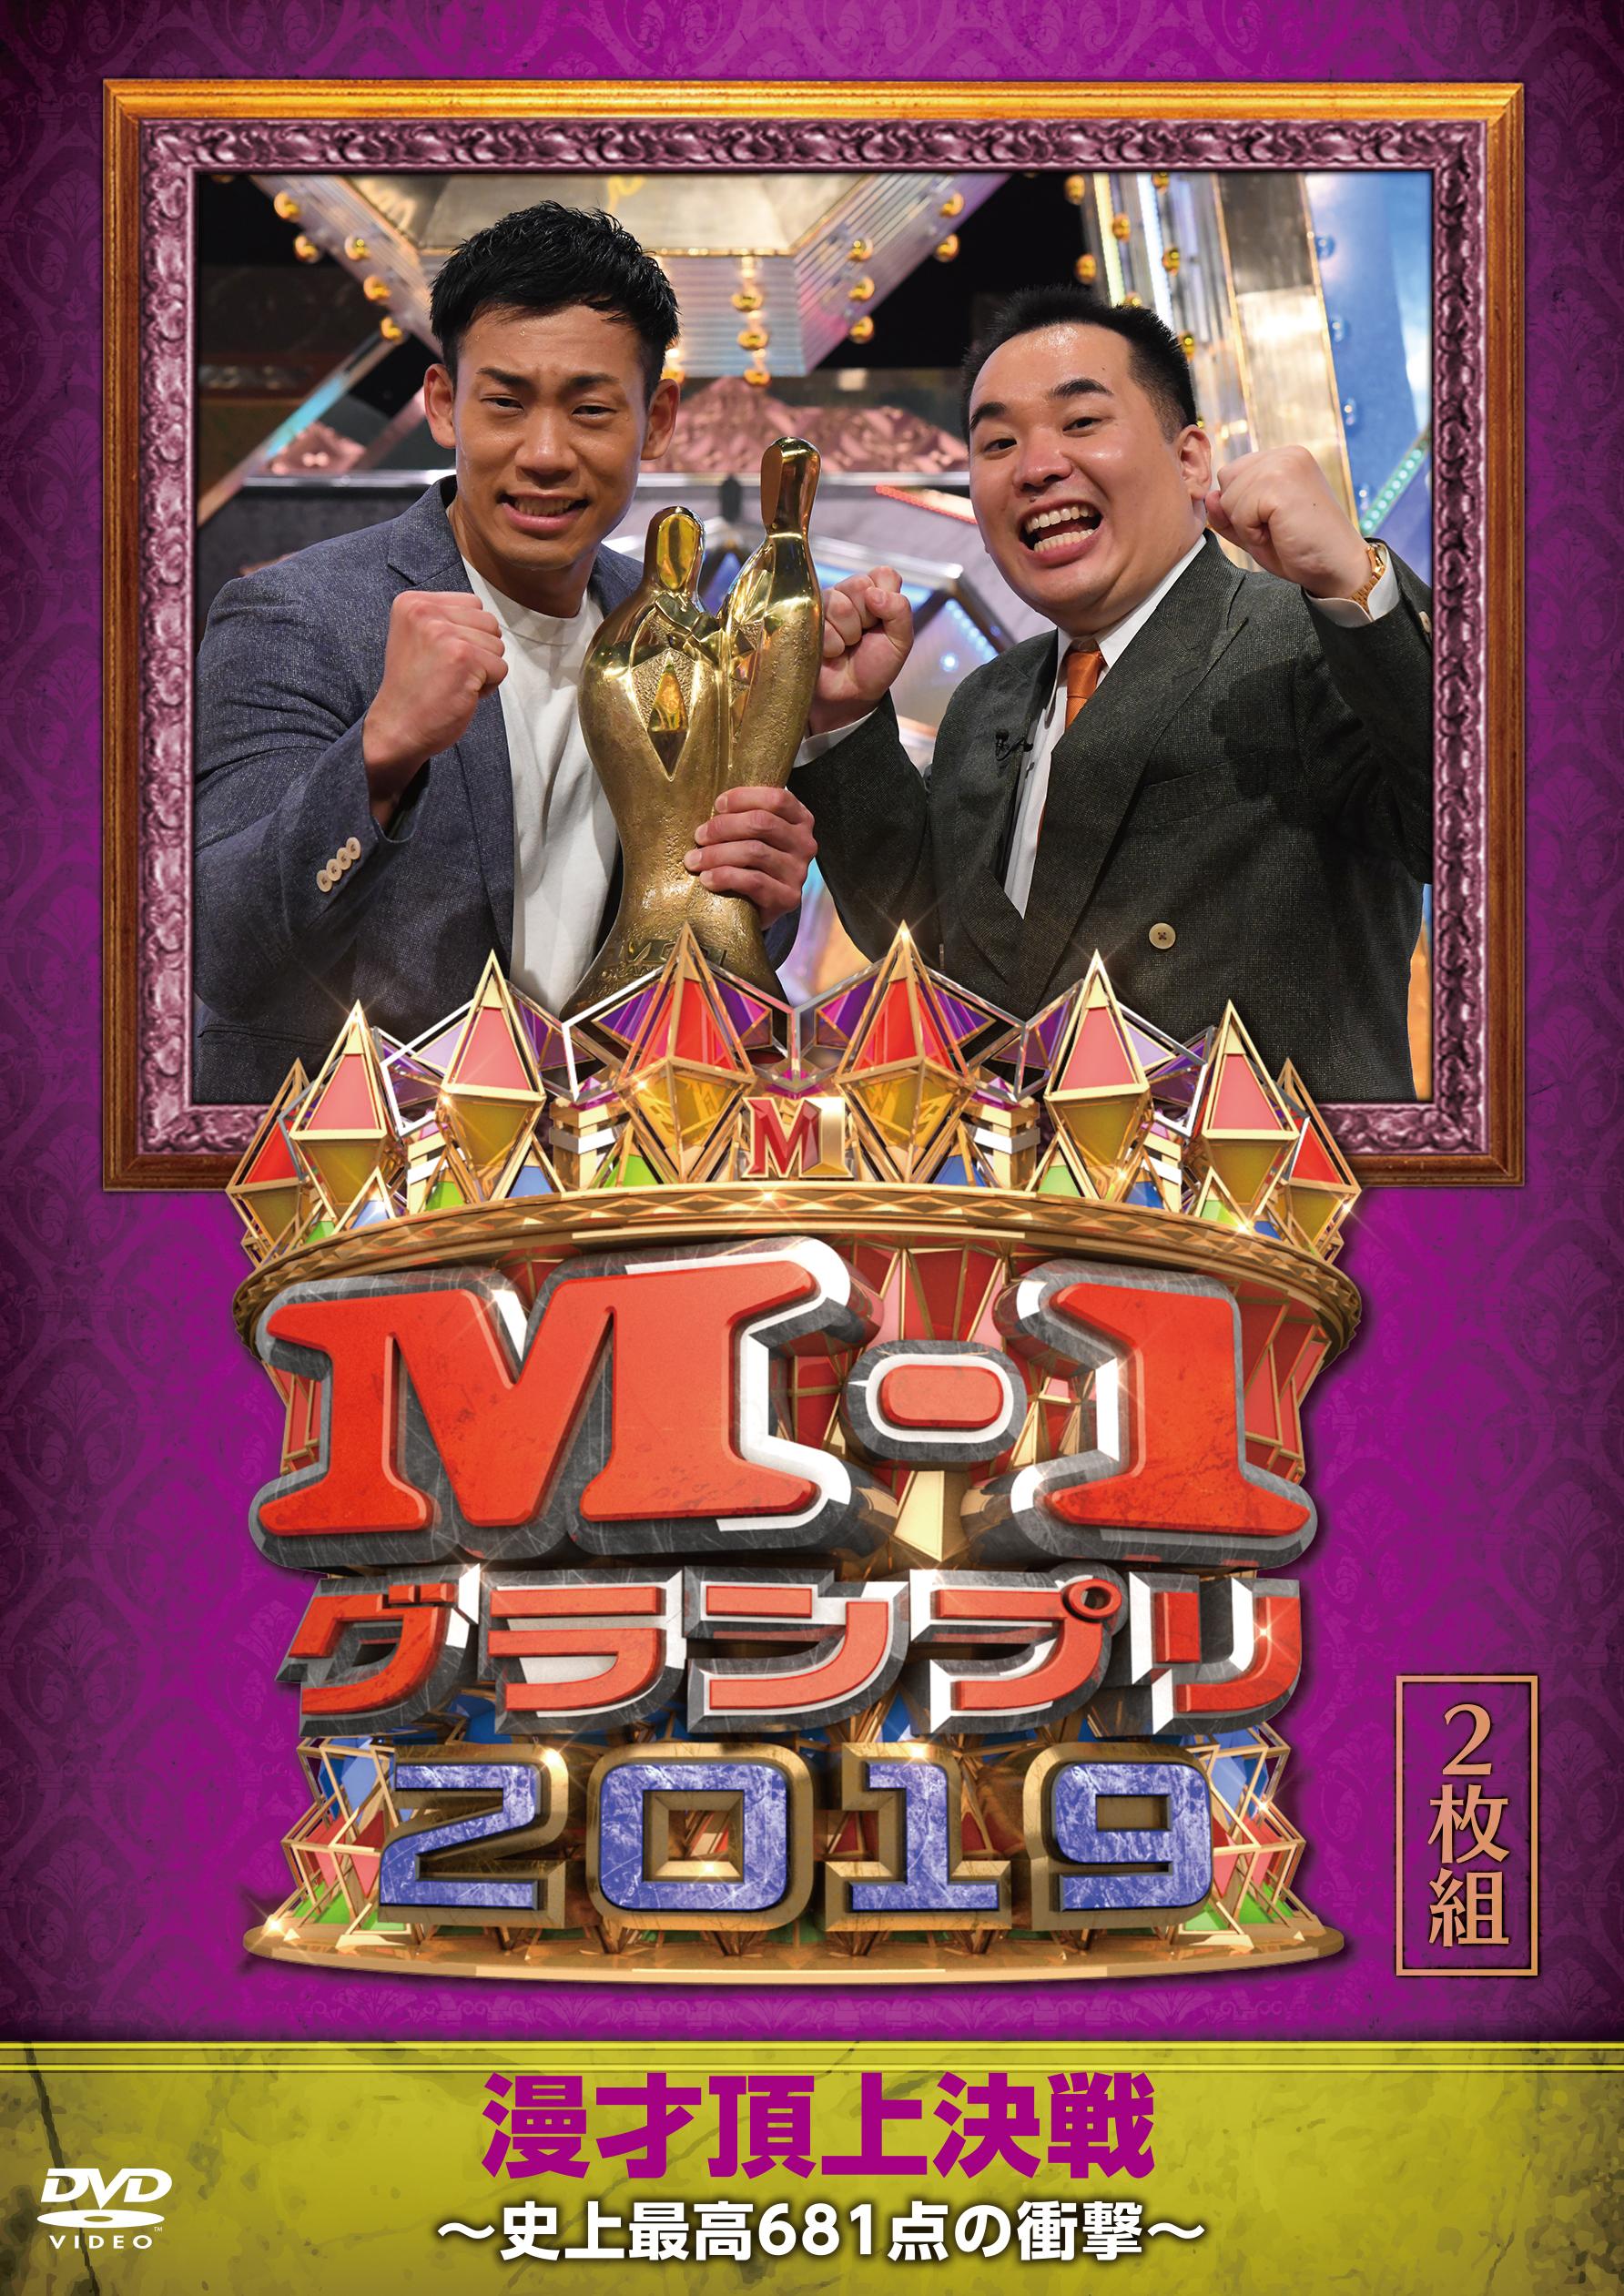 エムワン グランプリ 2019 敗者 復活